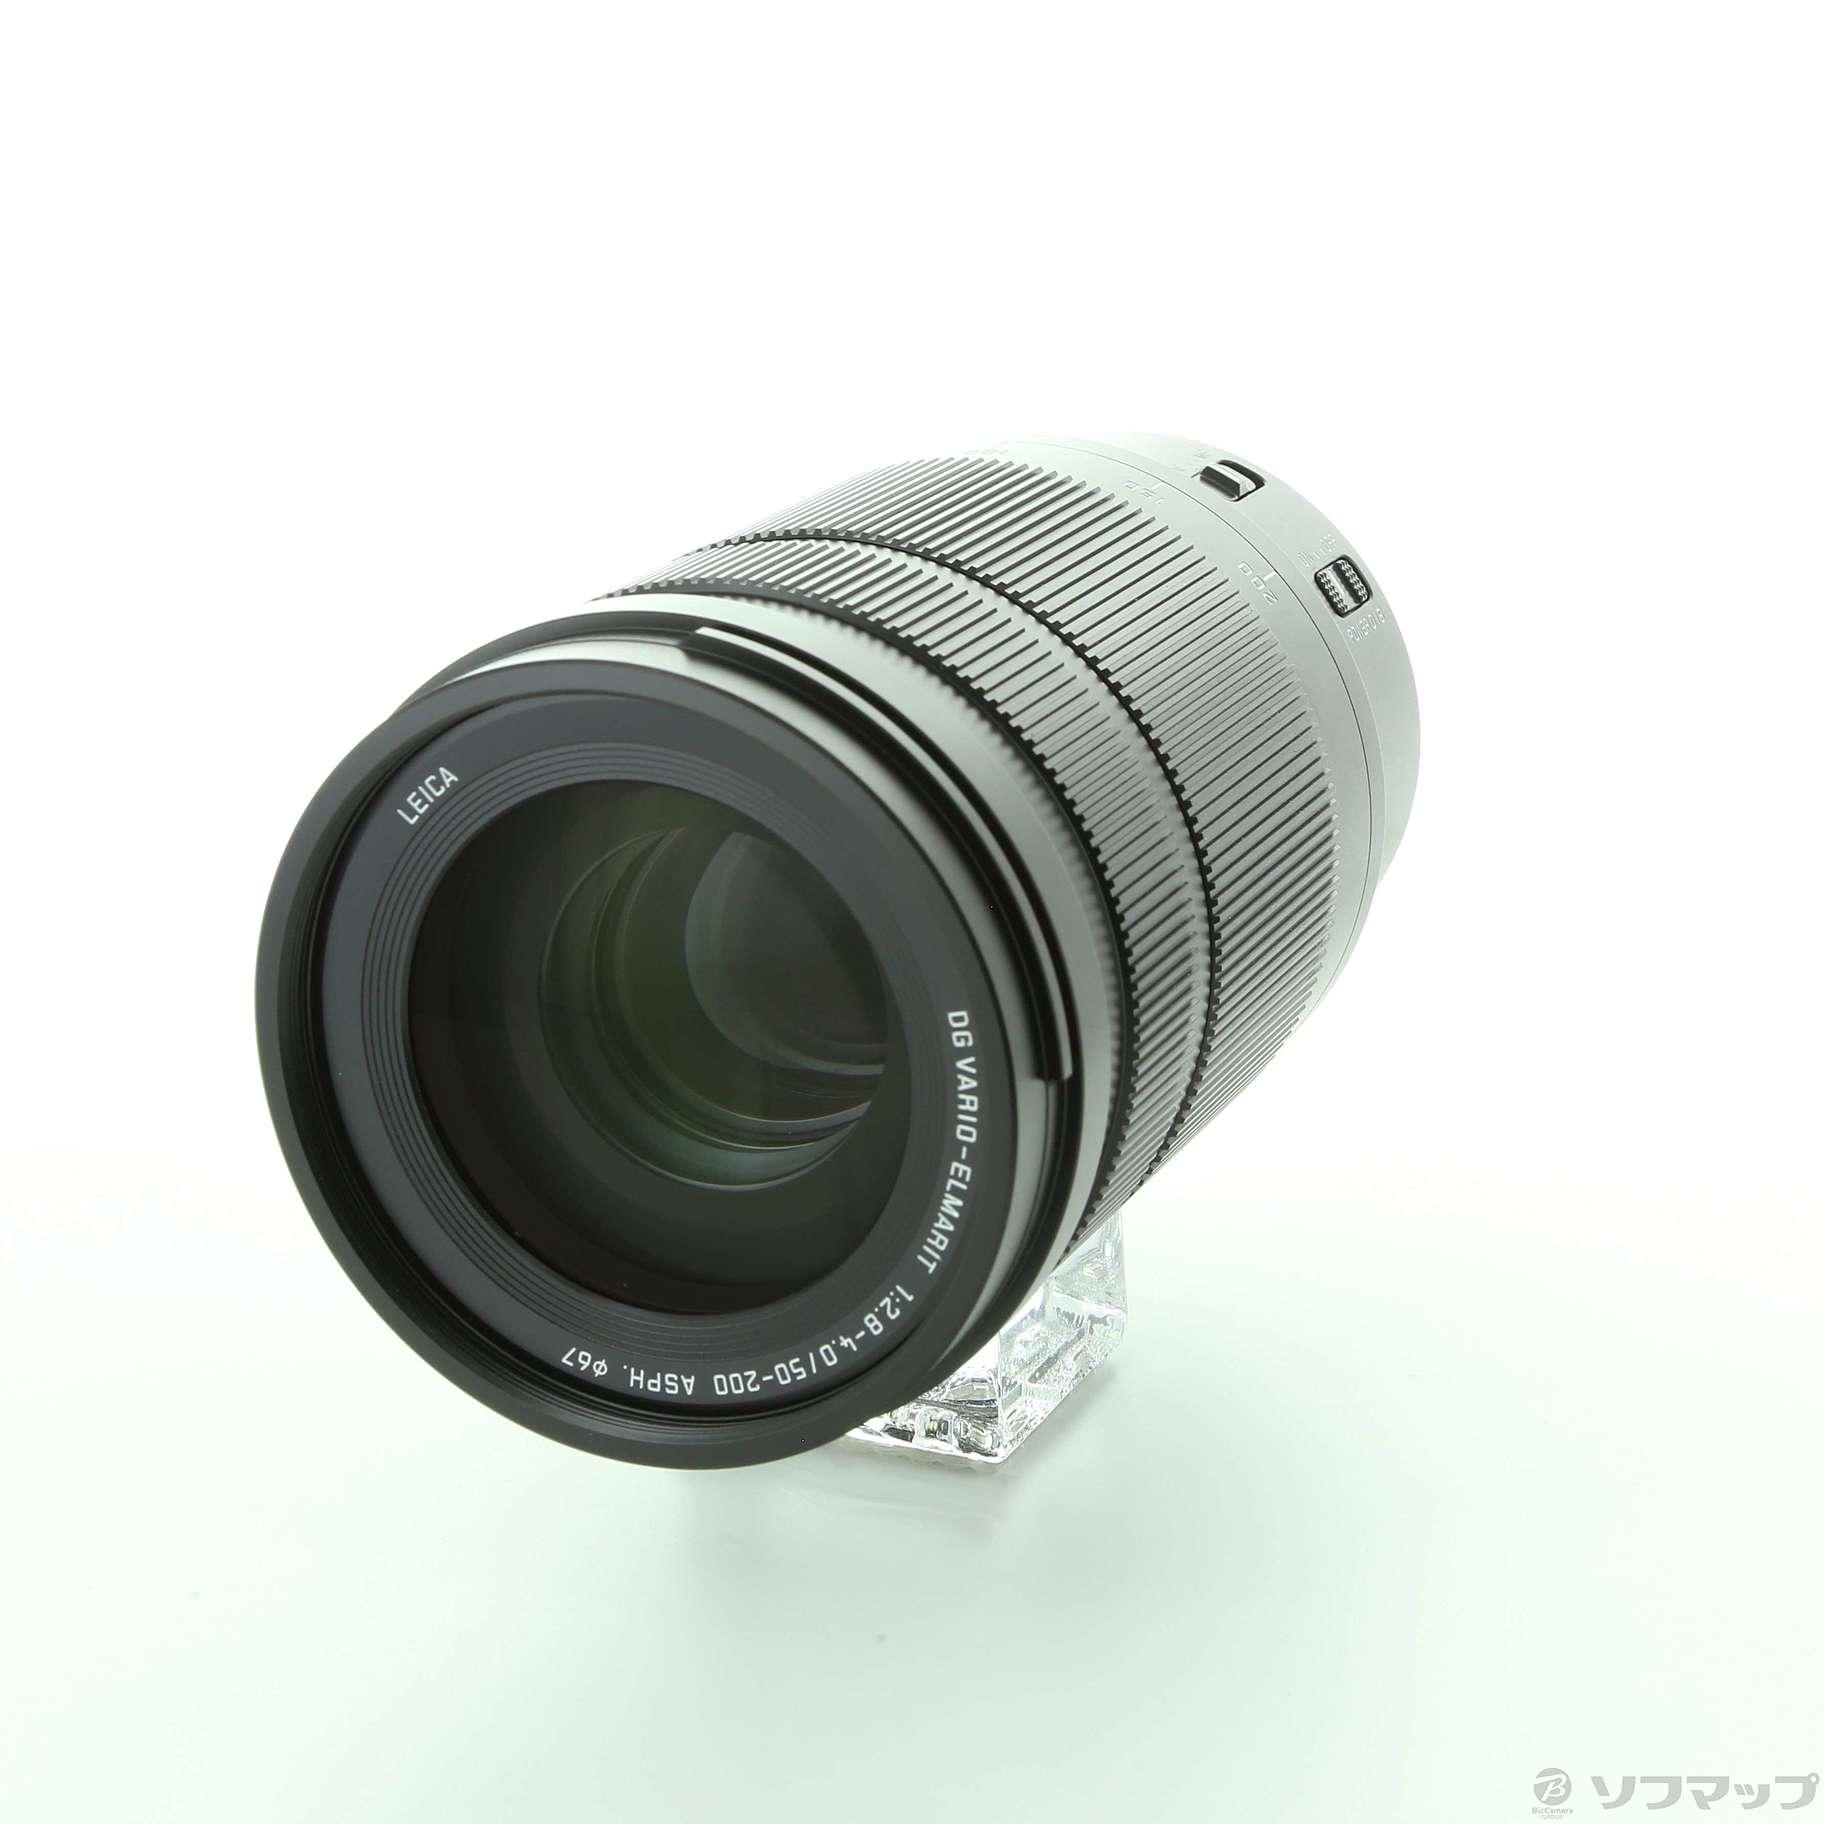 (中古)Panasonic LEICA DG VARIO-ELMARIT 50-200mm / F2.8-4.0 ASPH. / POWER O.I.S.(262-ud)(交換レンズ)